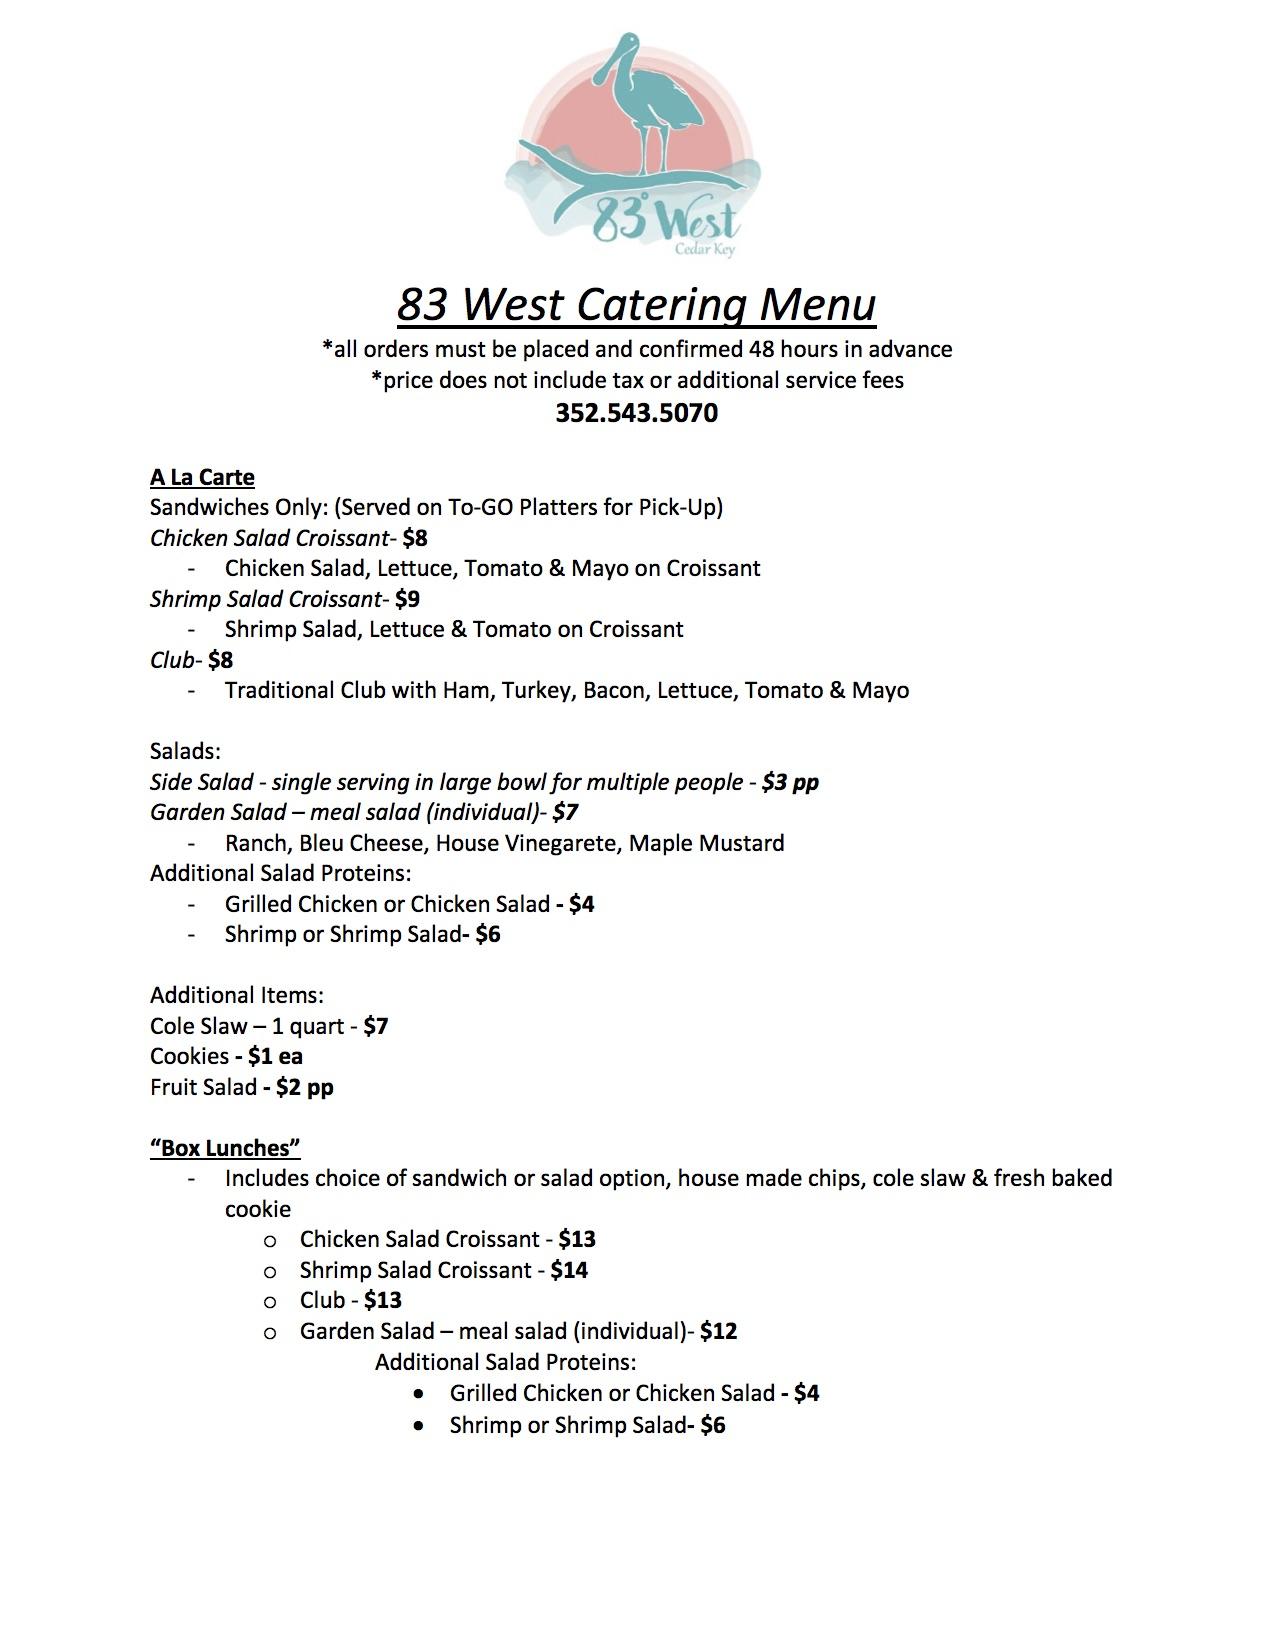 83 West Catering Menu.jpg